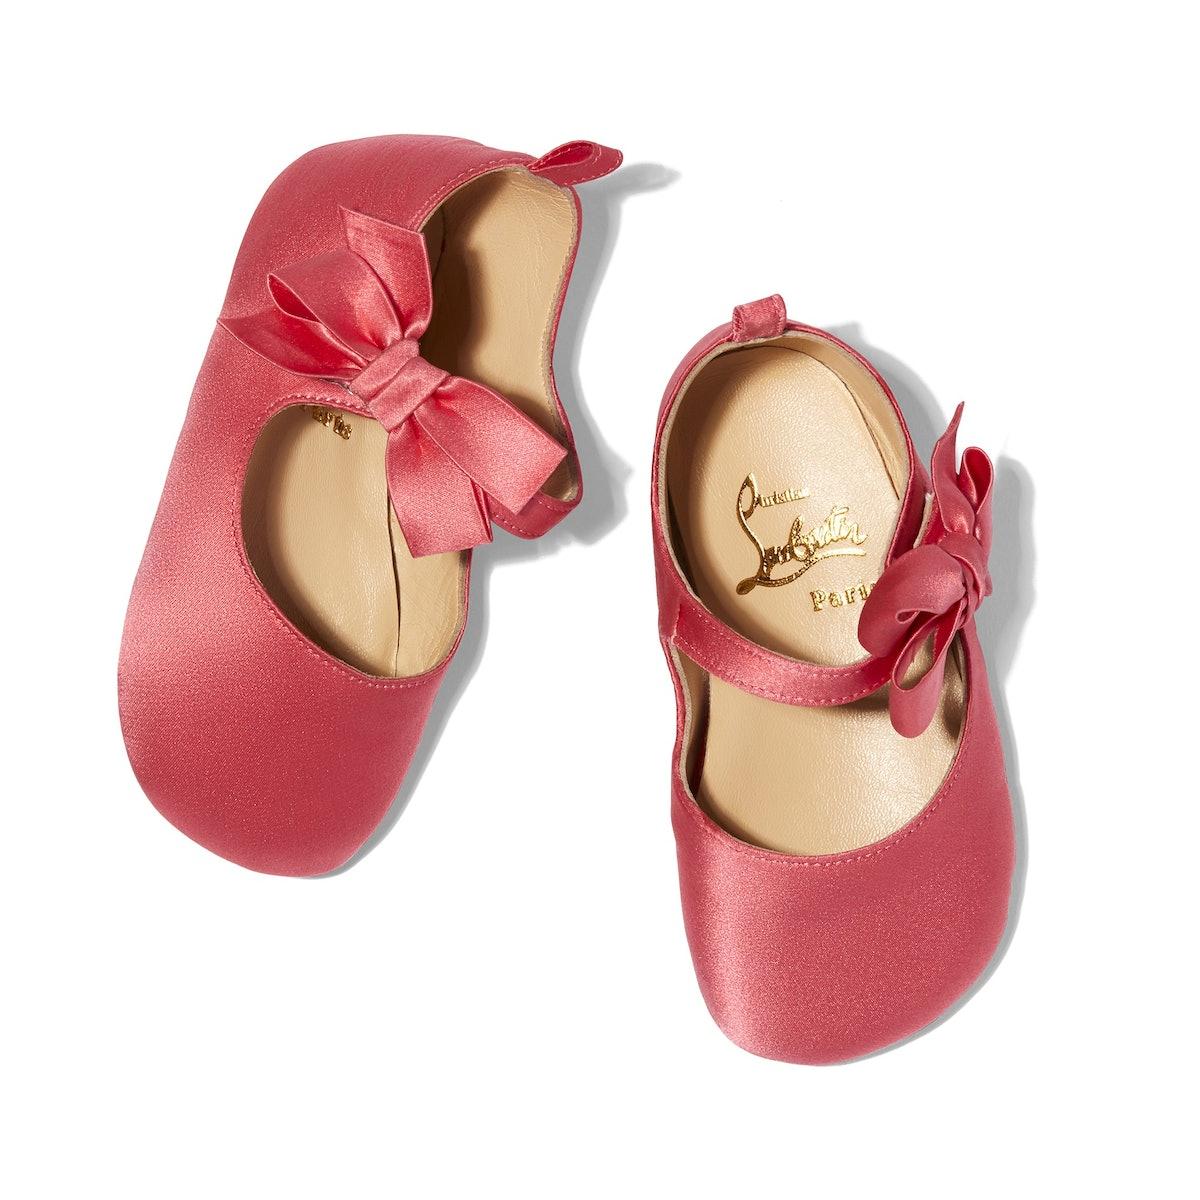 BabyShoe_Pink_MAIN.jpg